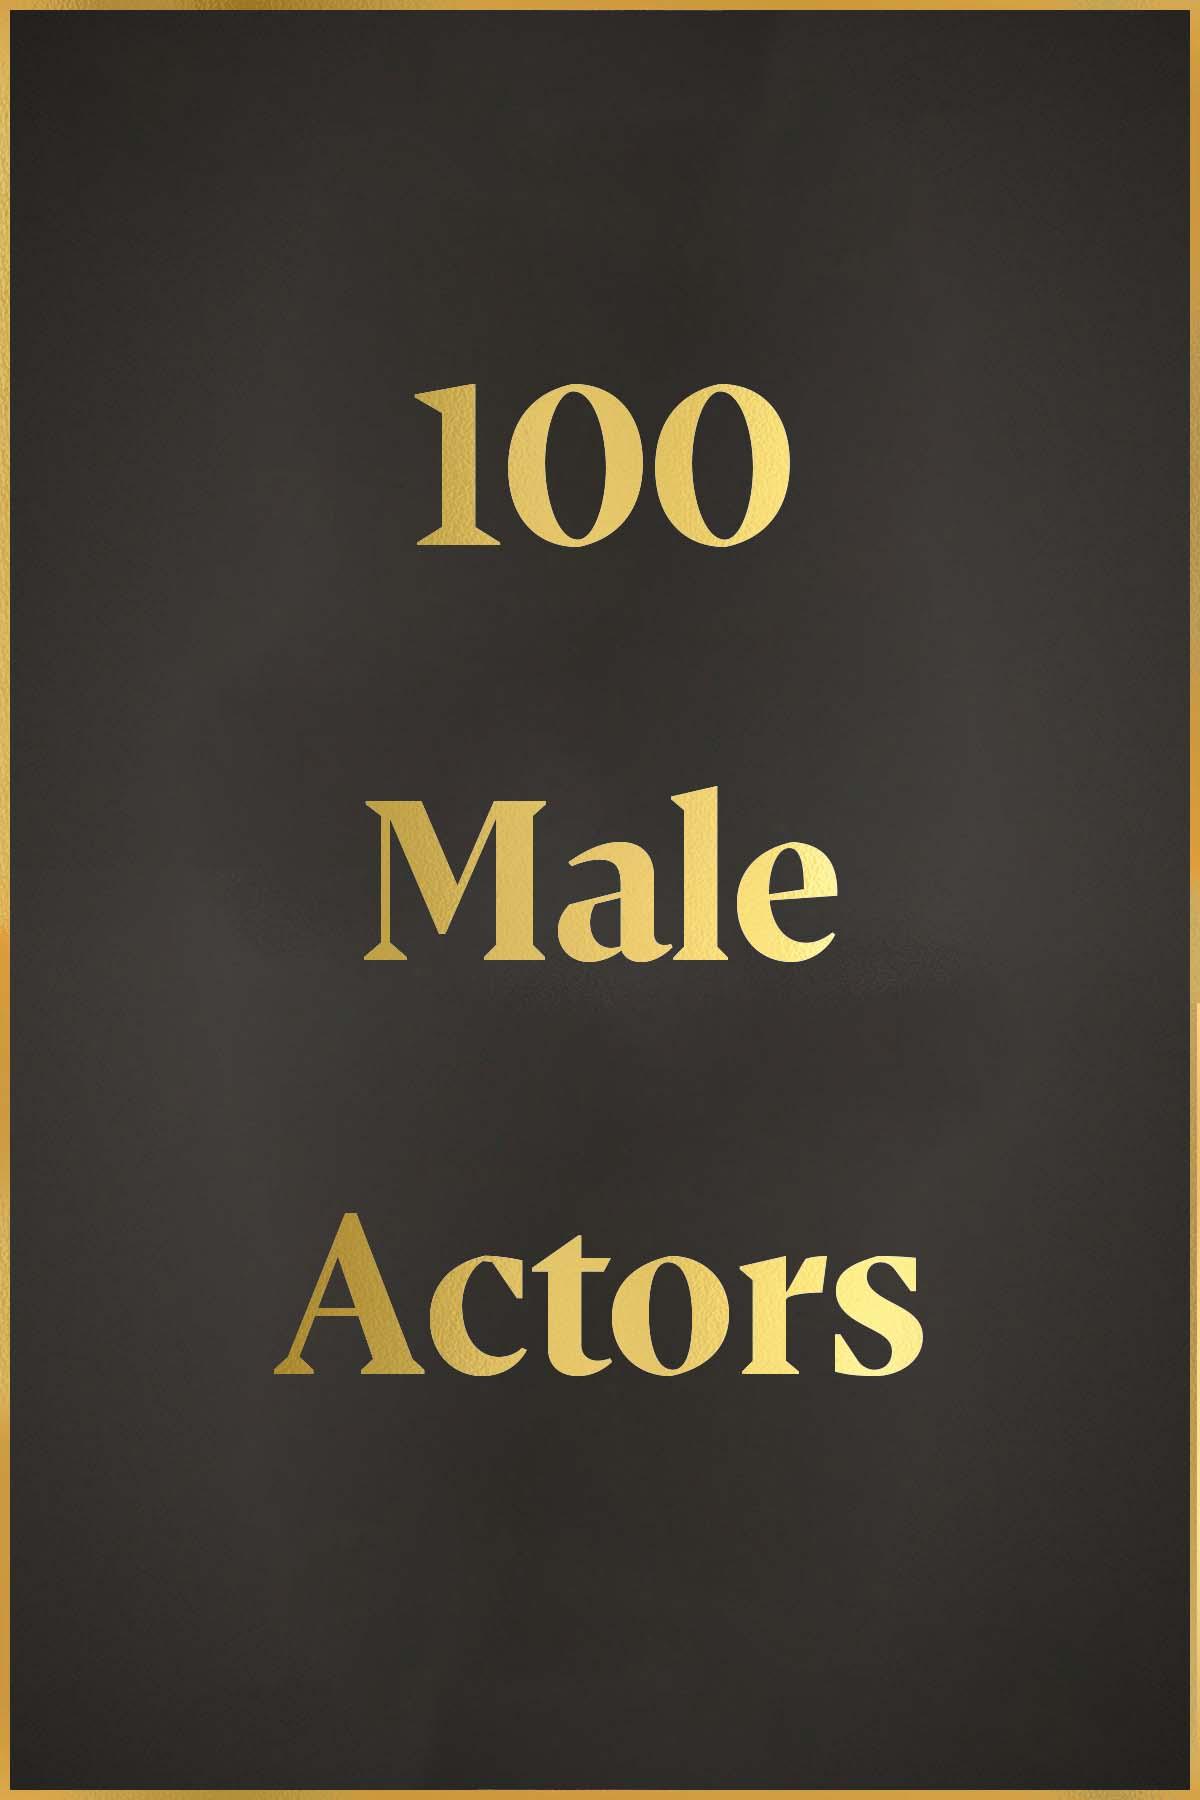 100 Male Actors